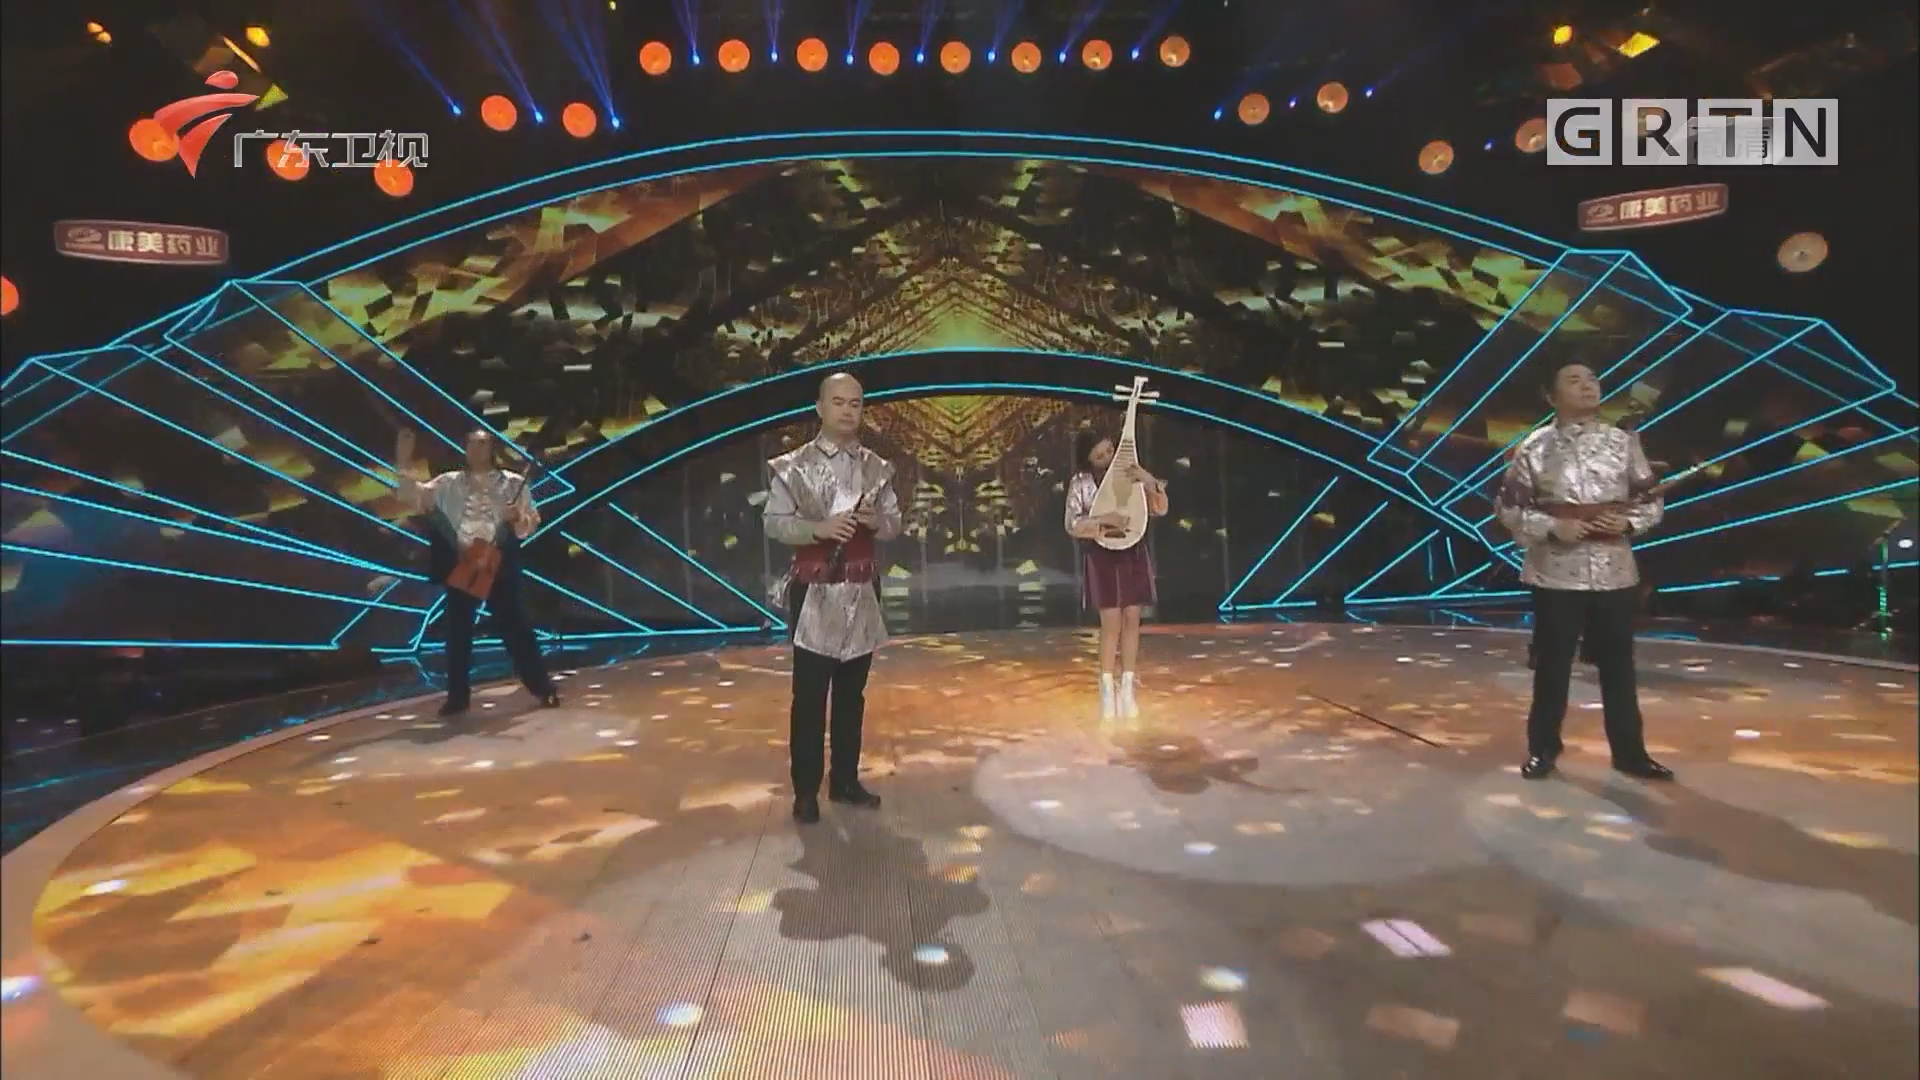 五色风乐团演绎多姿多彩《五色风情》